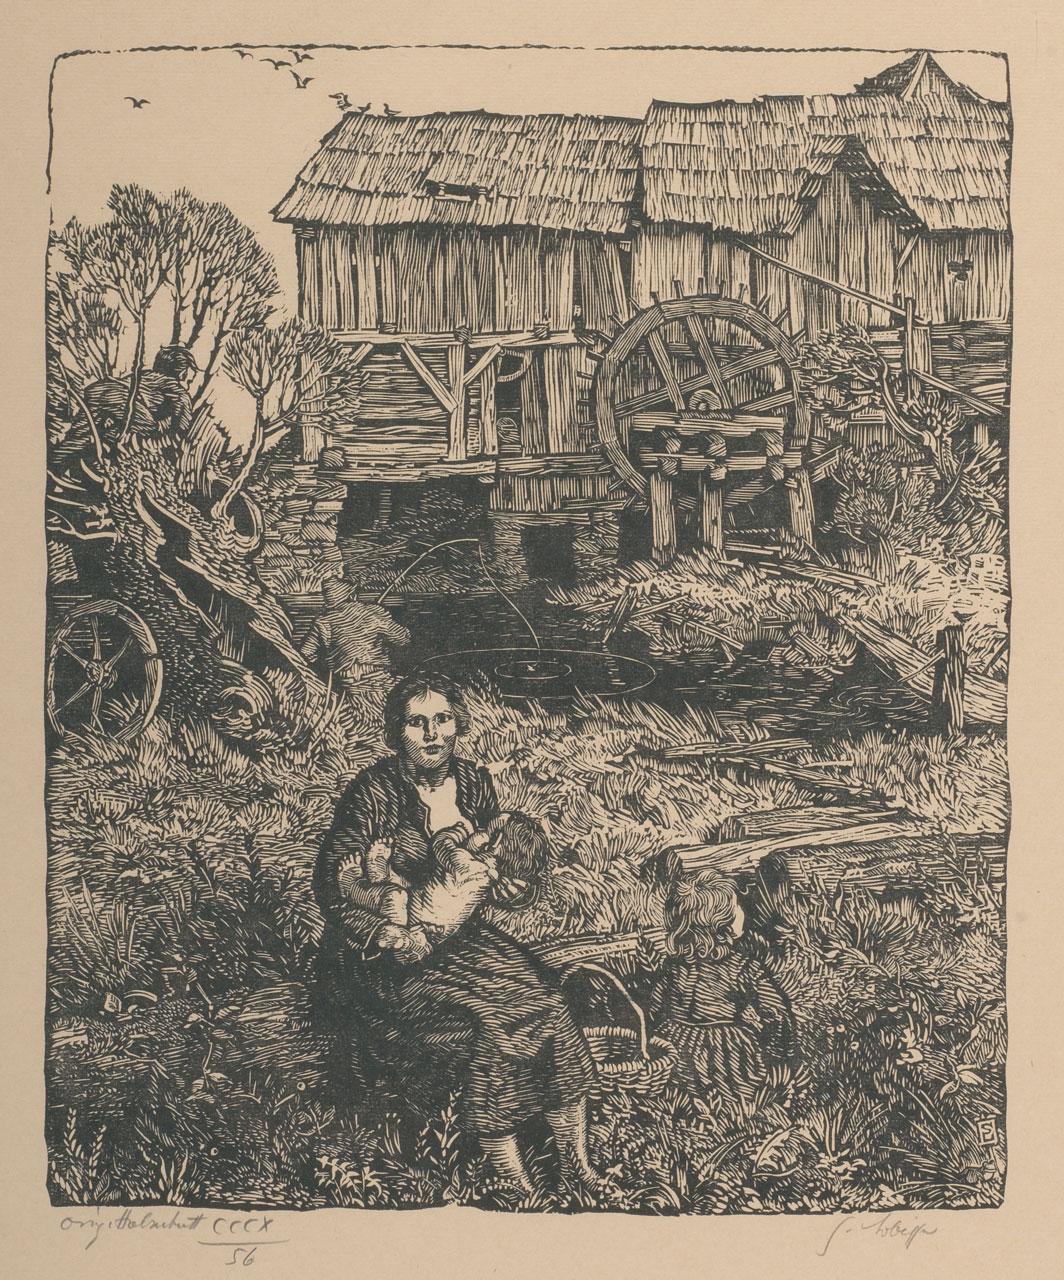 Switbert Lobisser (1878-1943), Fischer's Leut, 1936, woodcut, 37x30cm, signed, numbered 56 from op.319